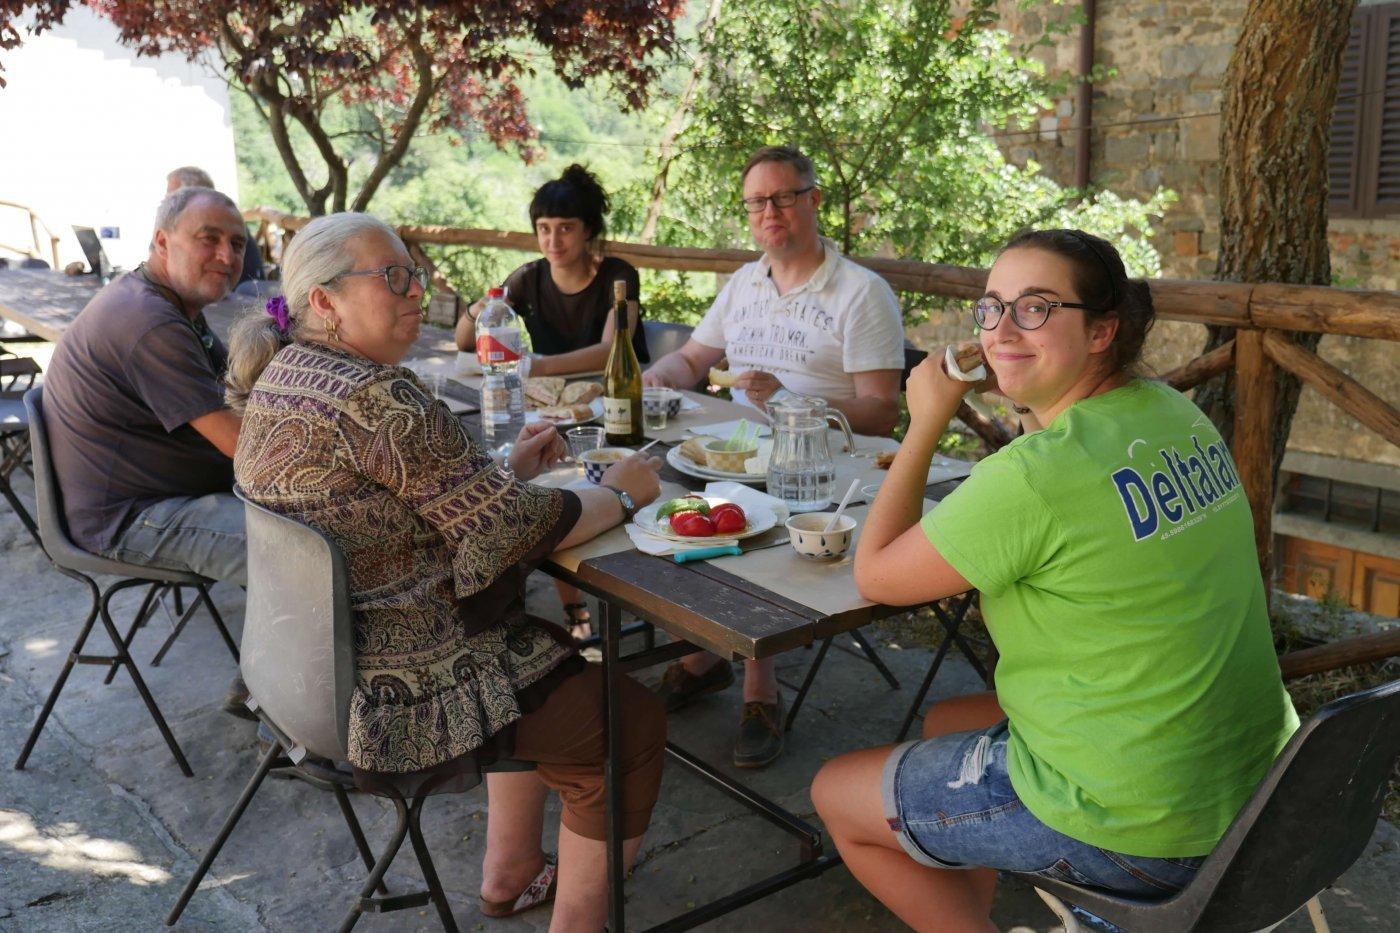 Déjeuner à l'italienne-Radici-Pauline&Olivier